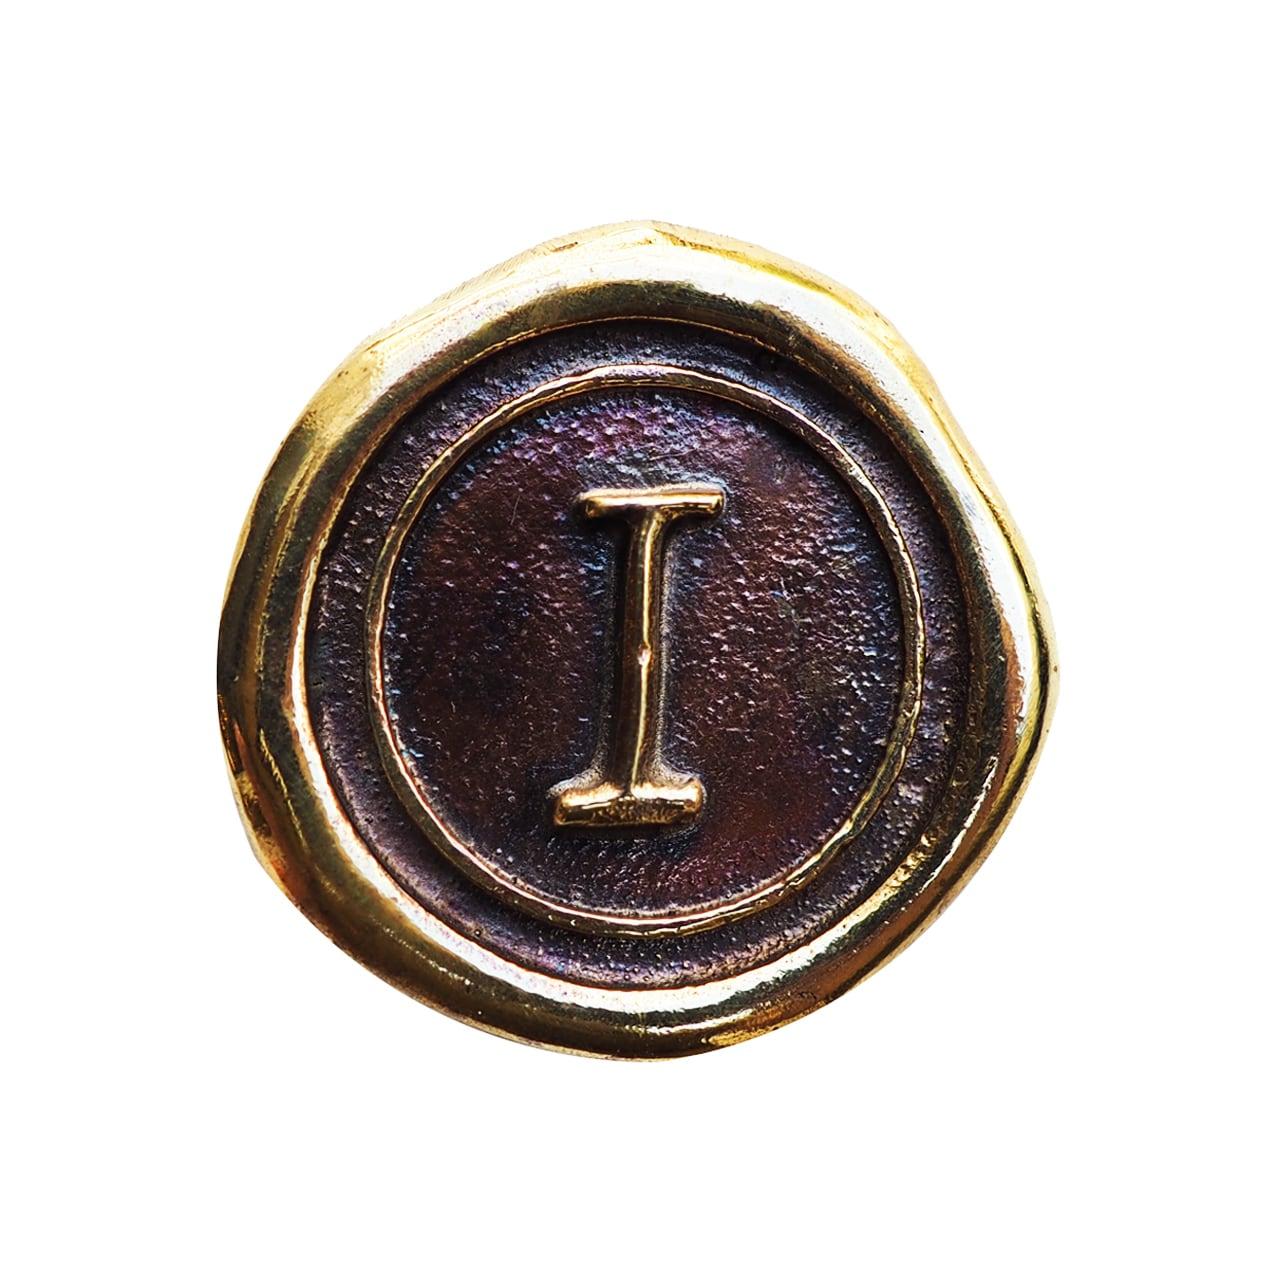 シーリングイニシャル S 〈I〉 ブラス / コンチョボタン